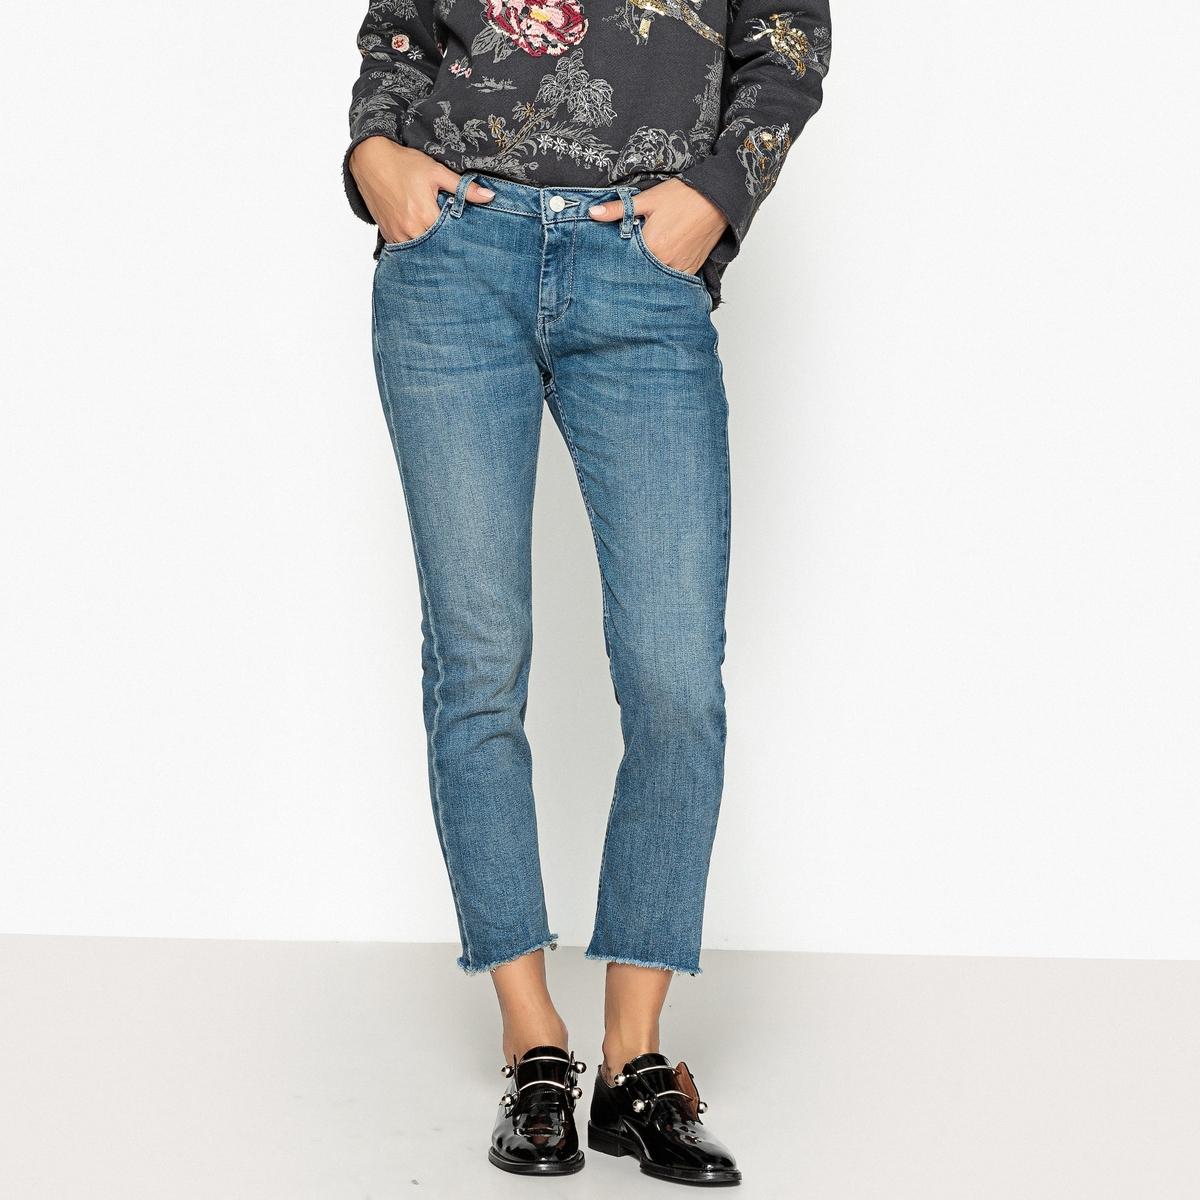 Джинсы бойфренд с рисунком сзади VINCE TAG, длина 7/8 джинсы бойфренд 3 14 лет